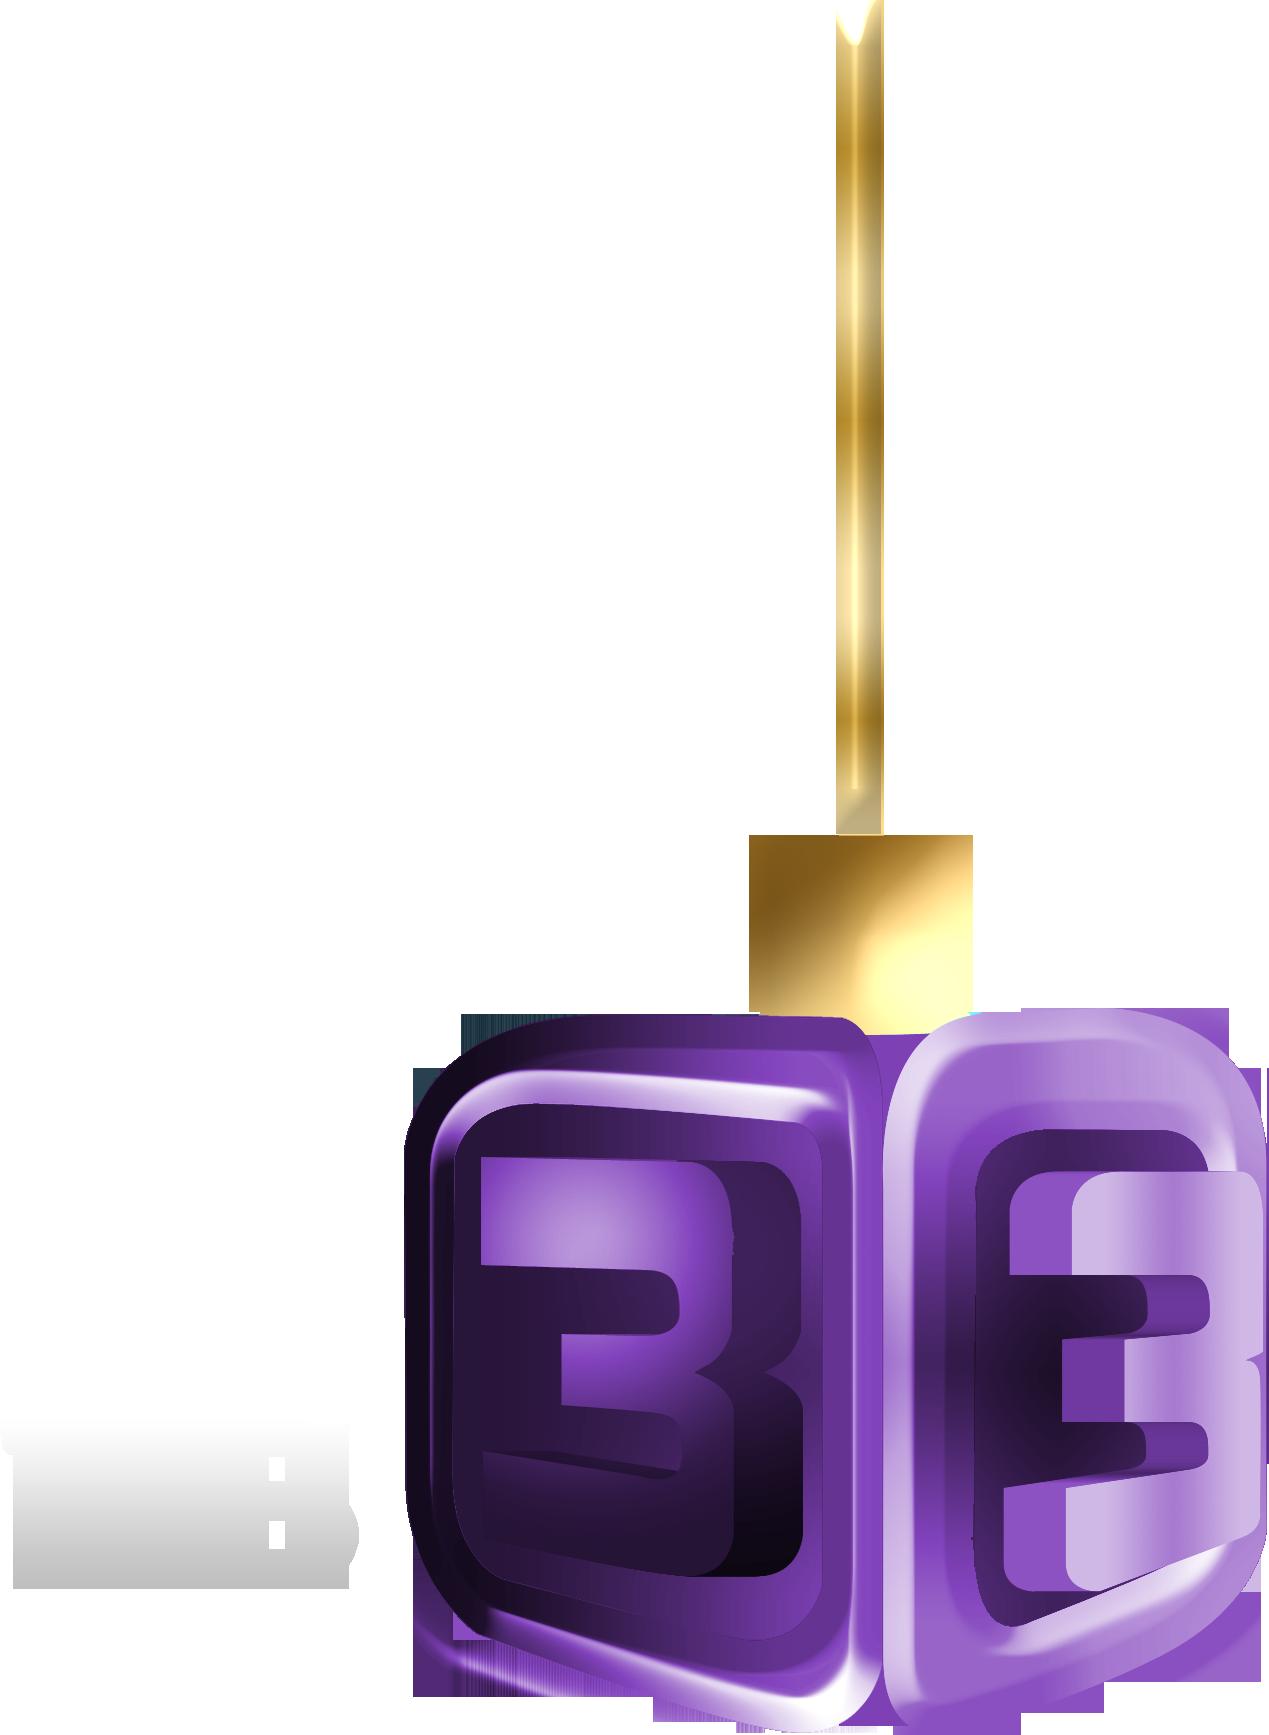 ТВ3 7 (новогодний, 2012-2013)